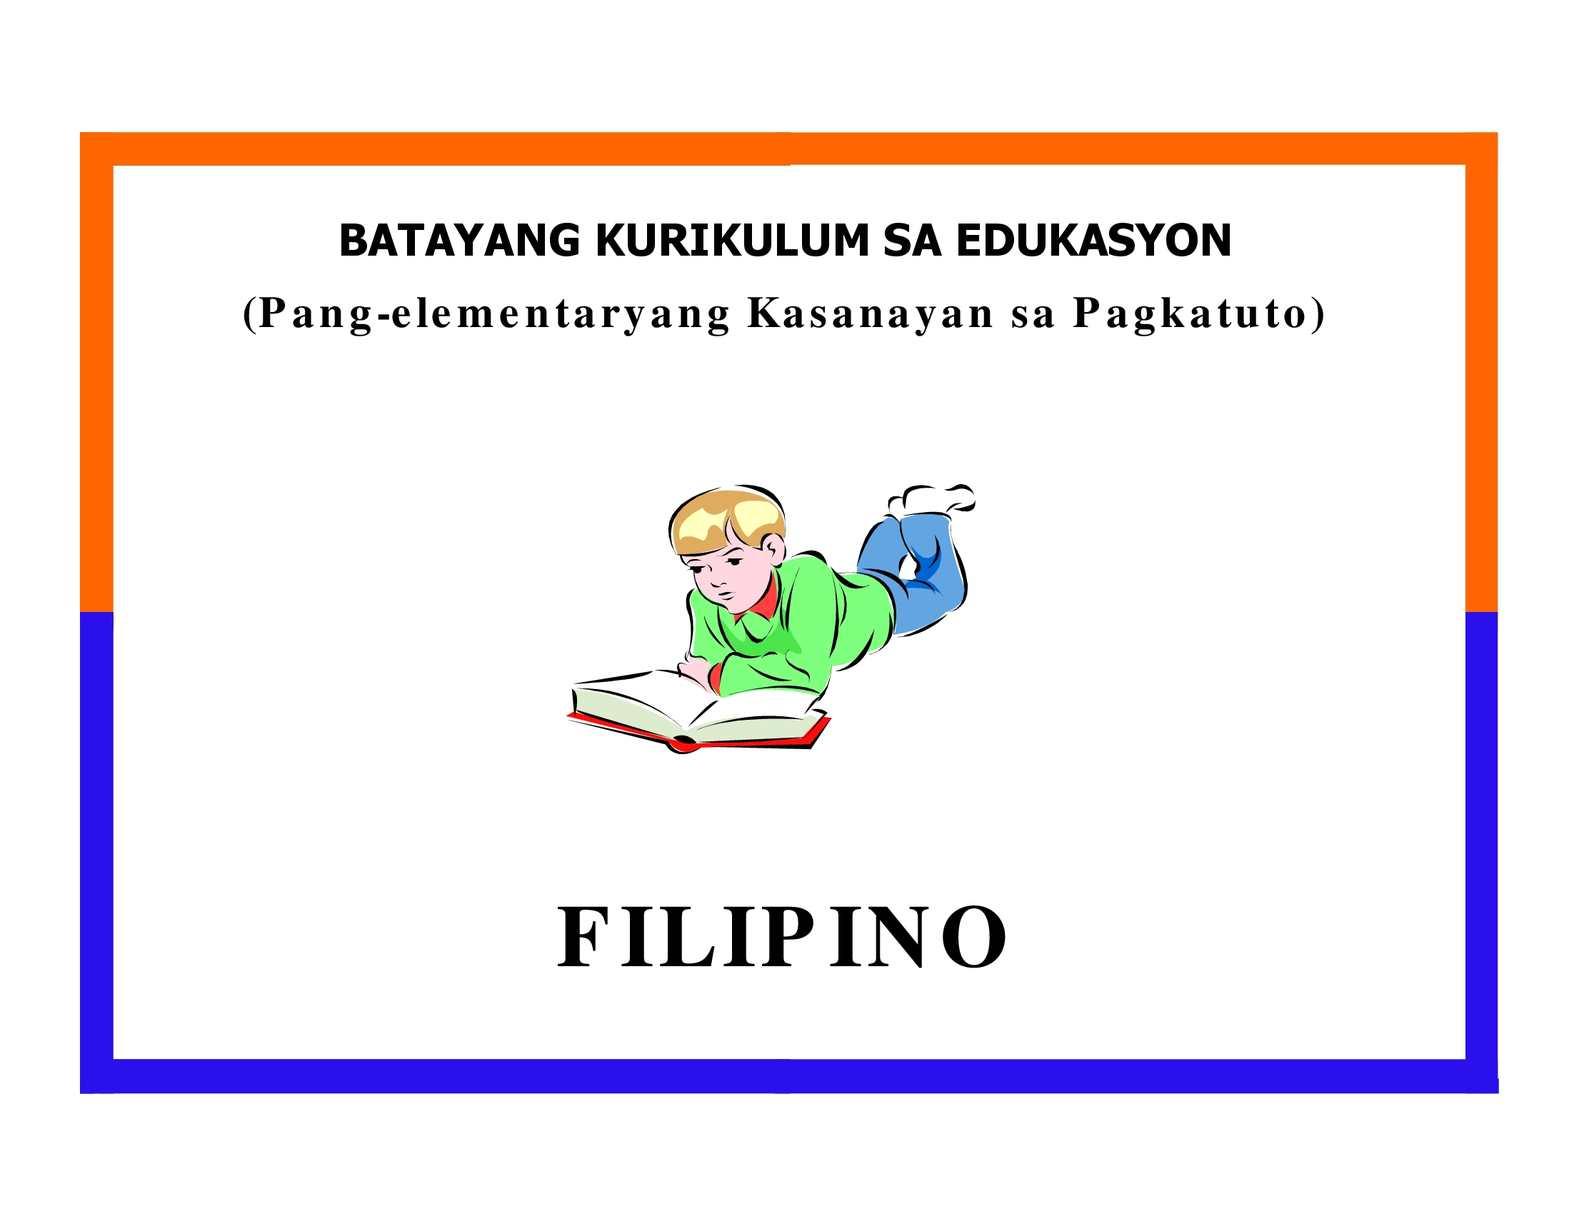 10 halimbawa ng pormal na sanaysay Halimbawa ng referensyal na pagsulat, examples of writing referensyal, , , translation, human translation, automatic translation.